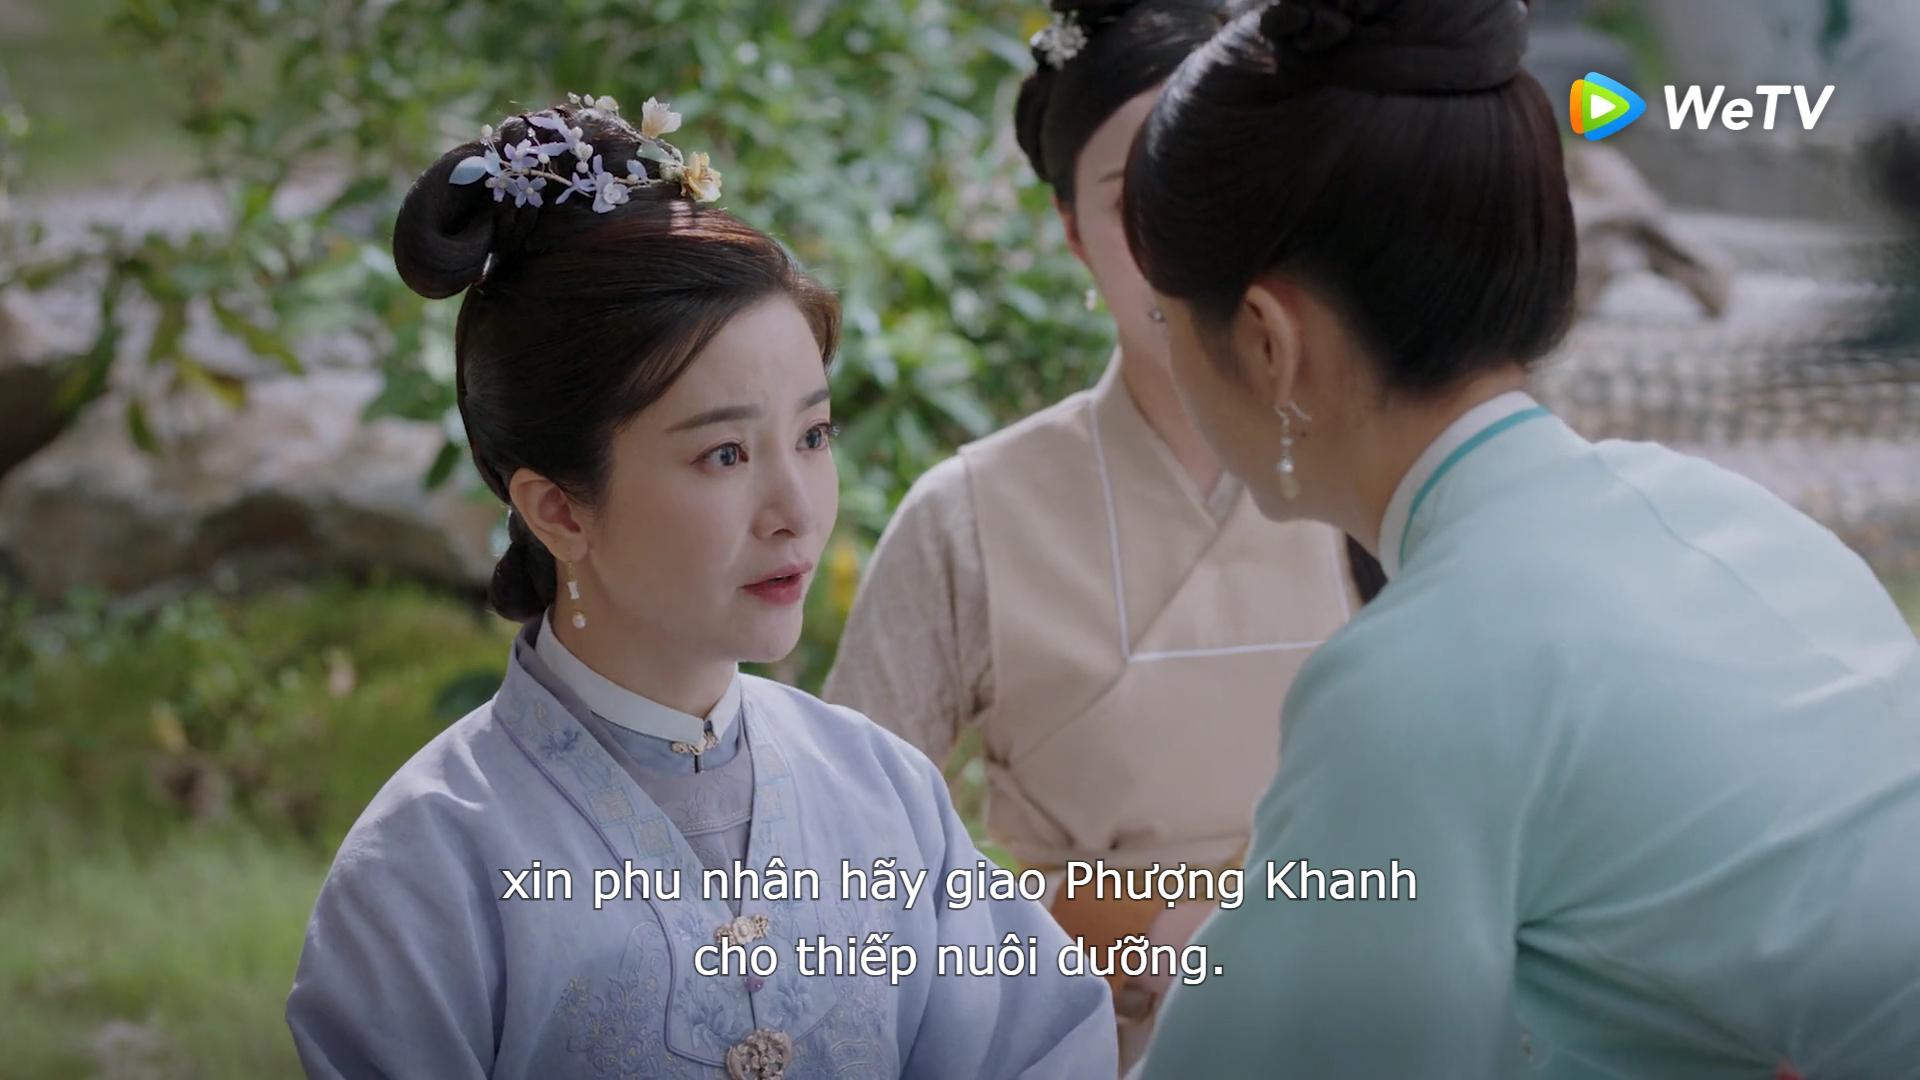 Chung Hán Lương công khai dẫn con riêng tin đồn về nhà, bị trà xanh hại suýt thiệt mạng ở Cẩm Tâm Tựa Ngọc - Ảnh 2.